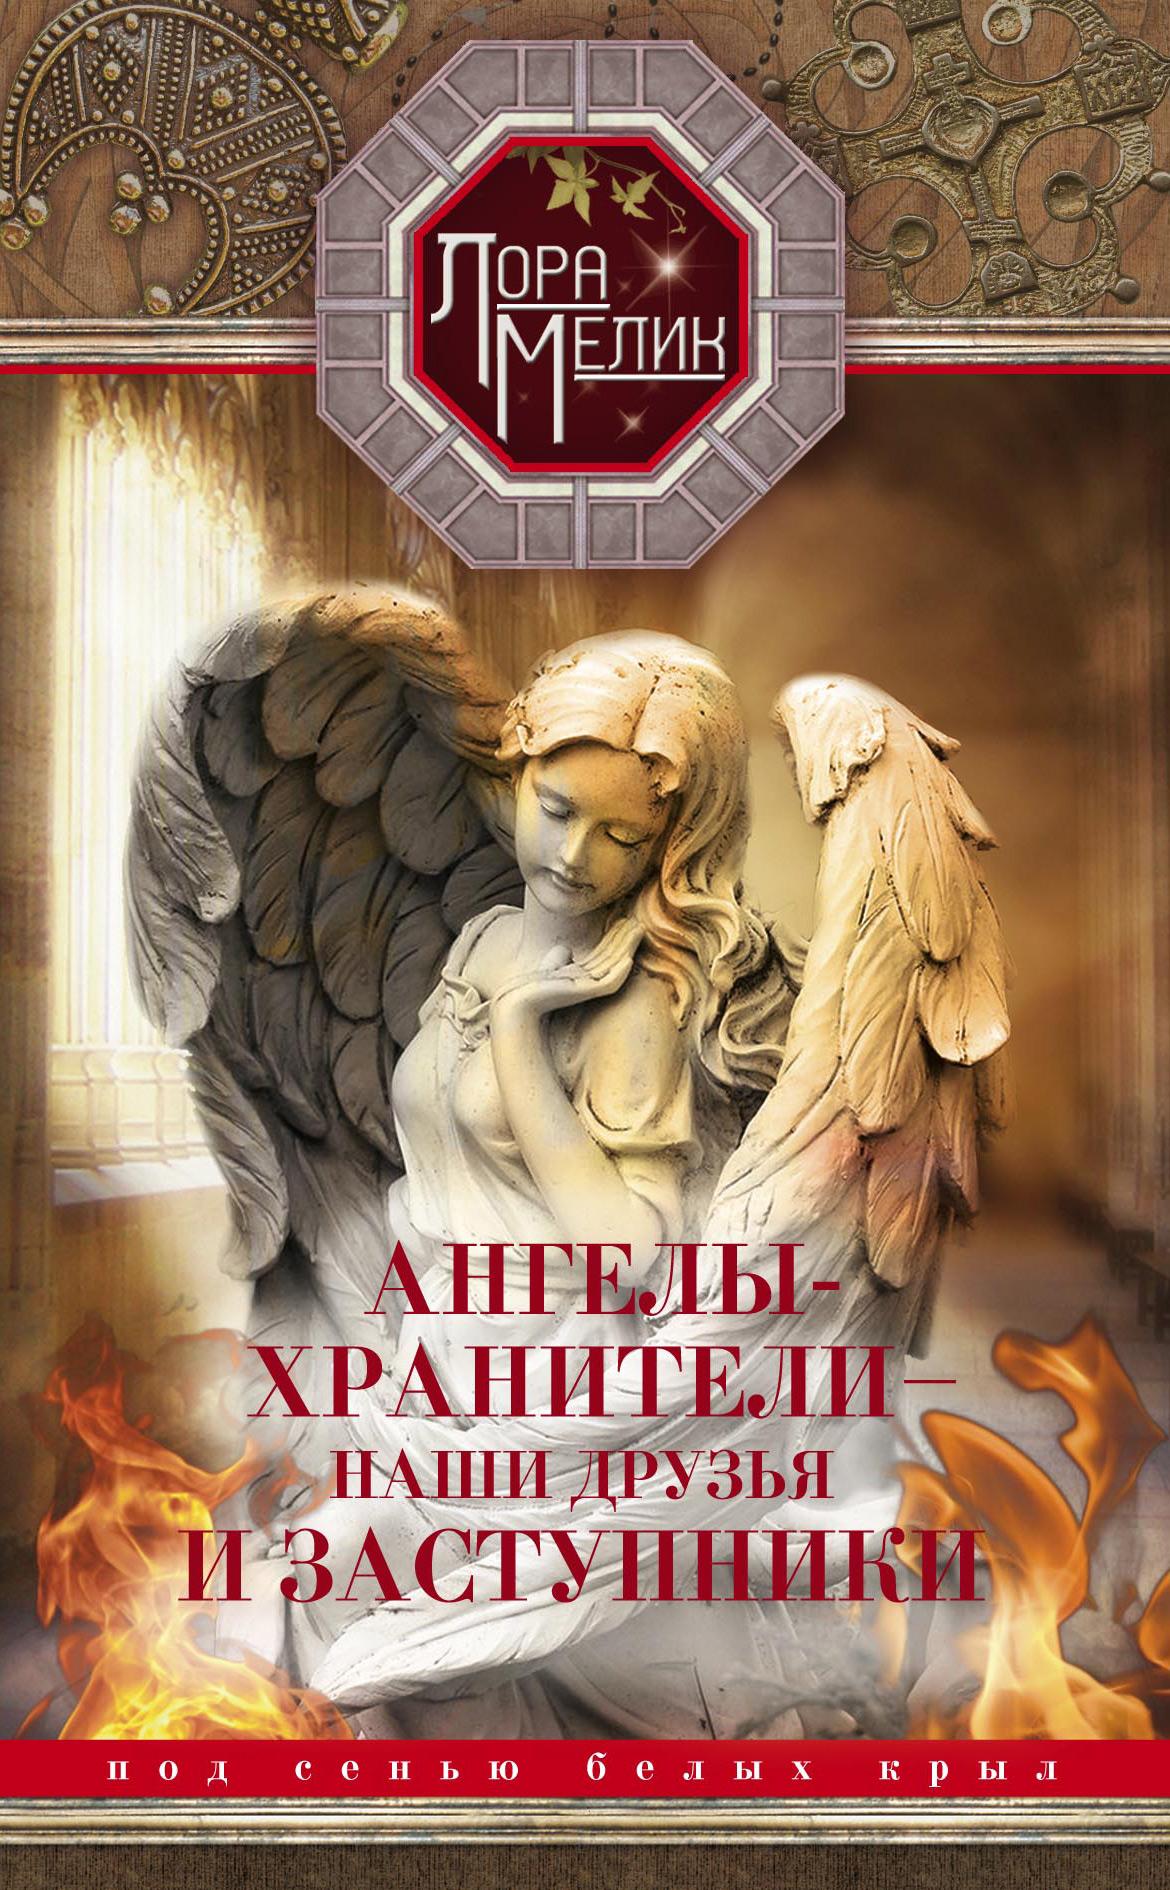 Ангелы-хранители – наши друзья и заступники. Под сенью белых крыл